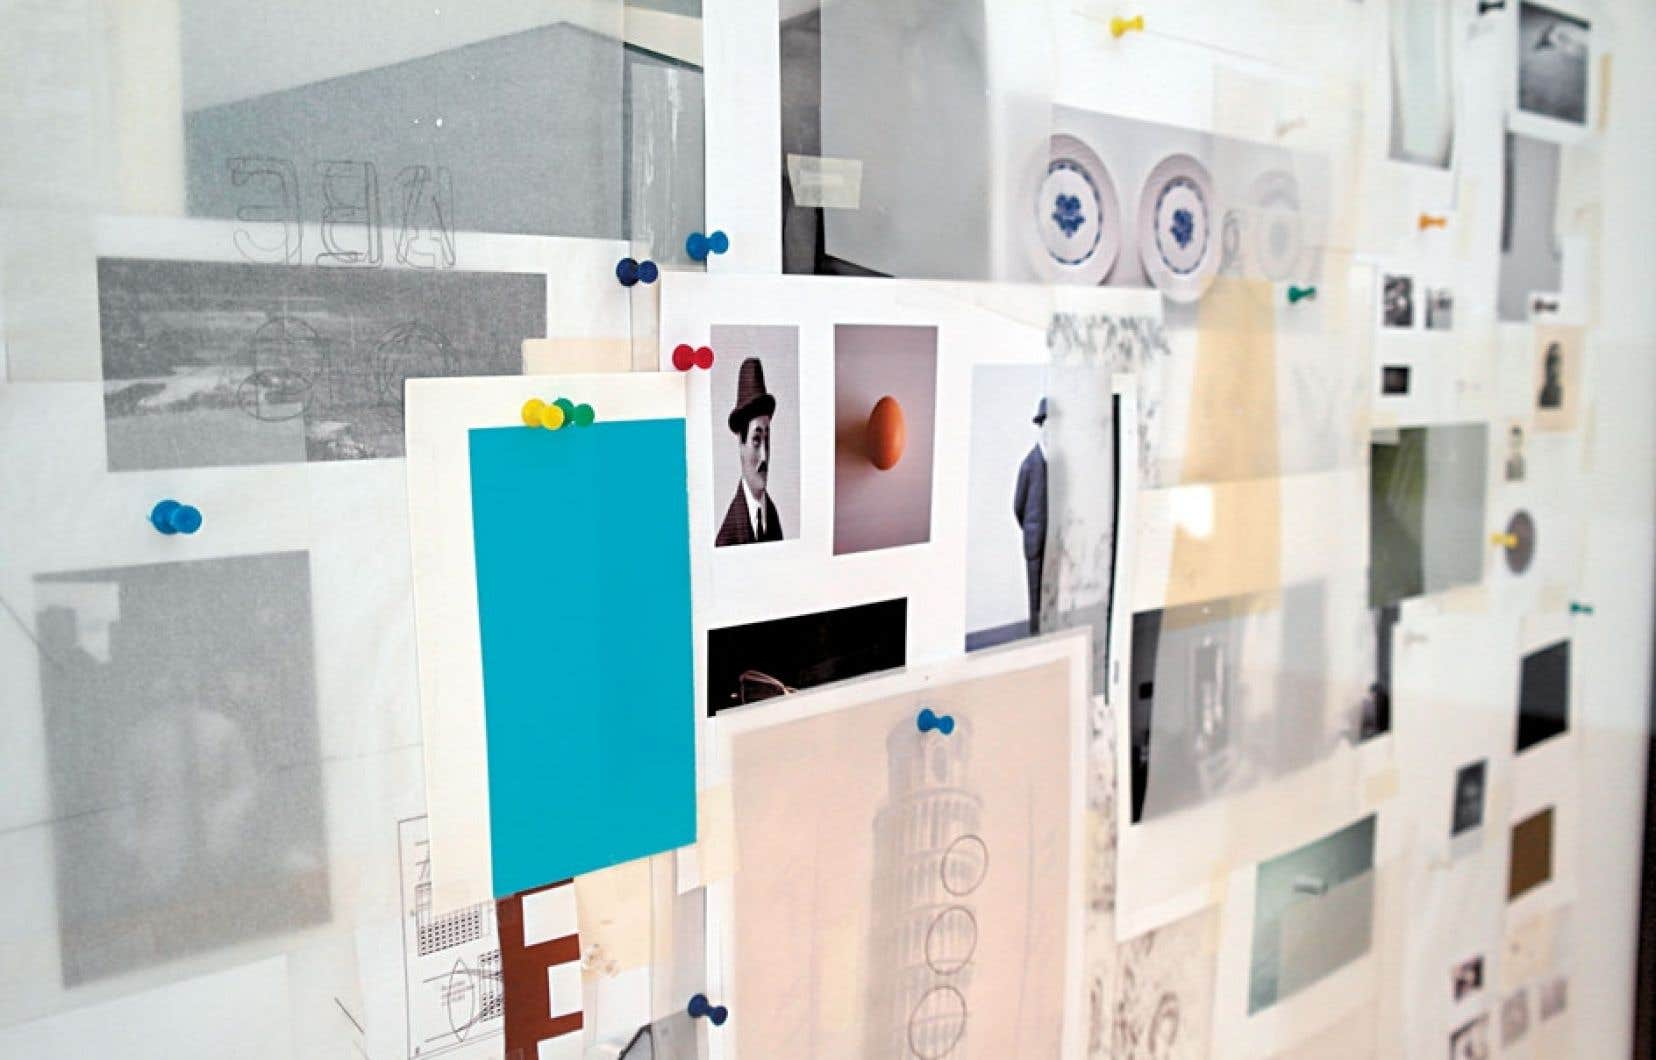 Raymond Lavoie, DATA - 1 [détail], 2012, Matériaux divers sur toile, verre, bois.